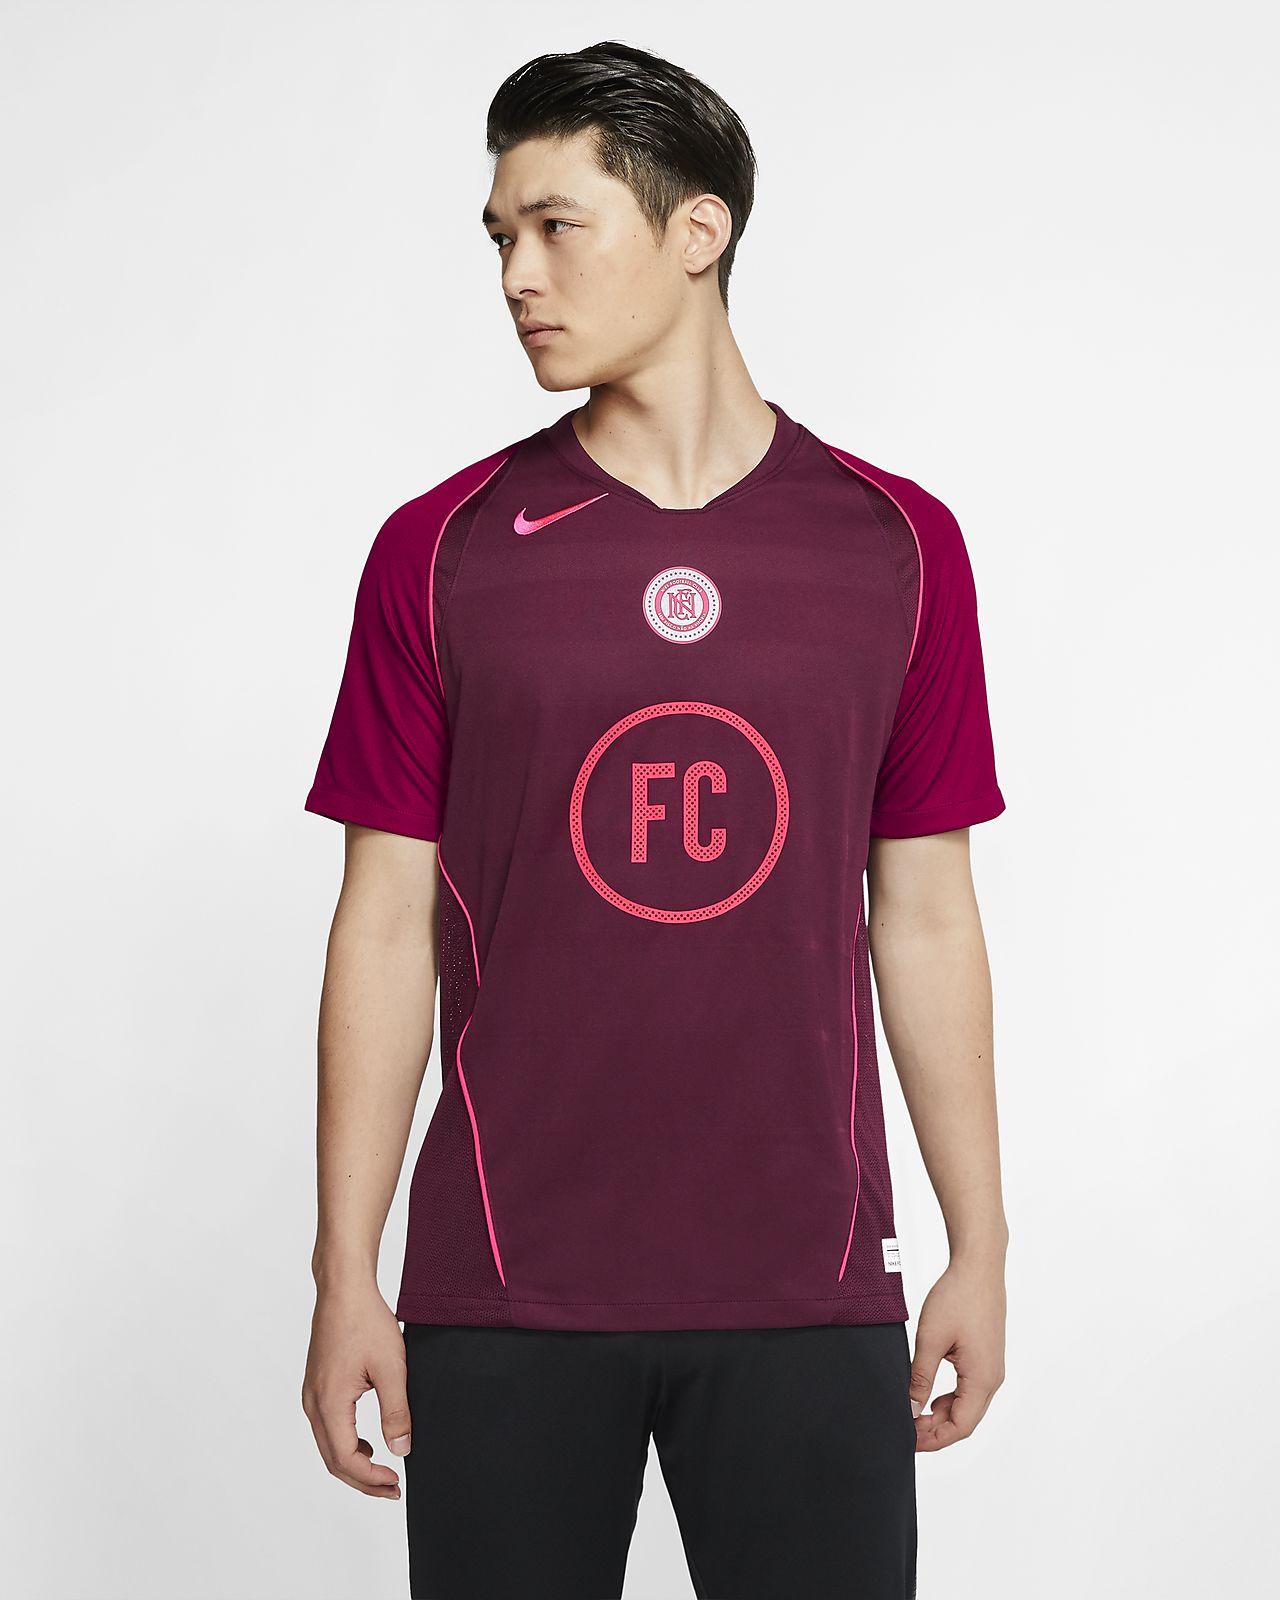 Maillot de football à manches courtes Nike F.C. Home pour Homme